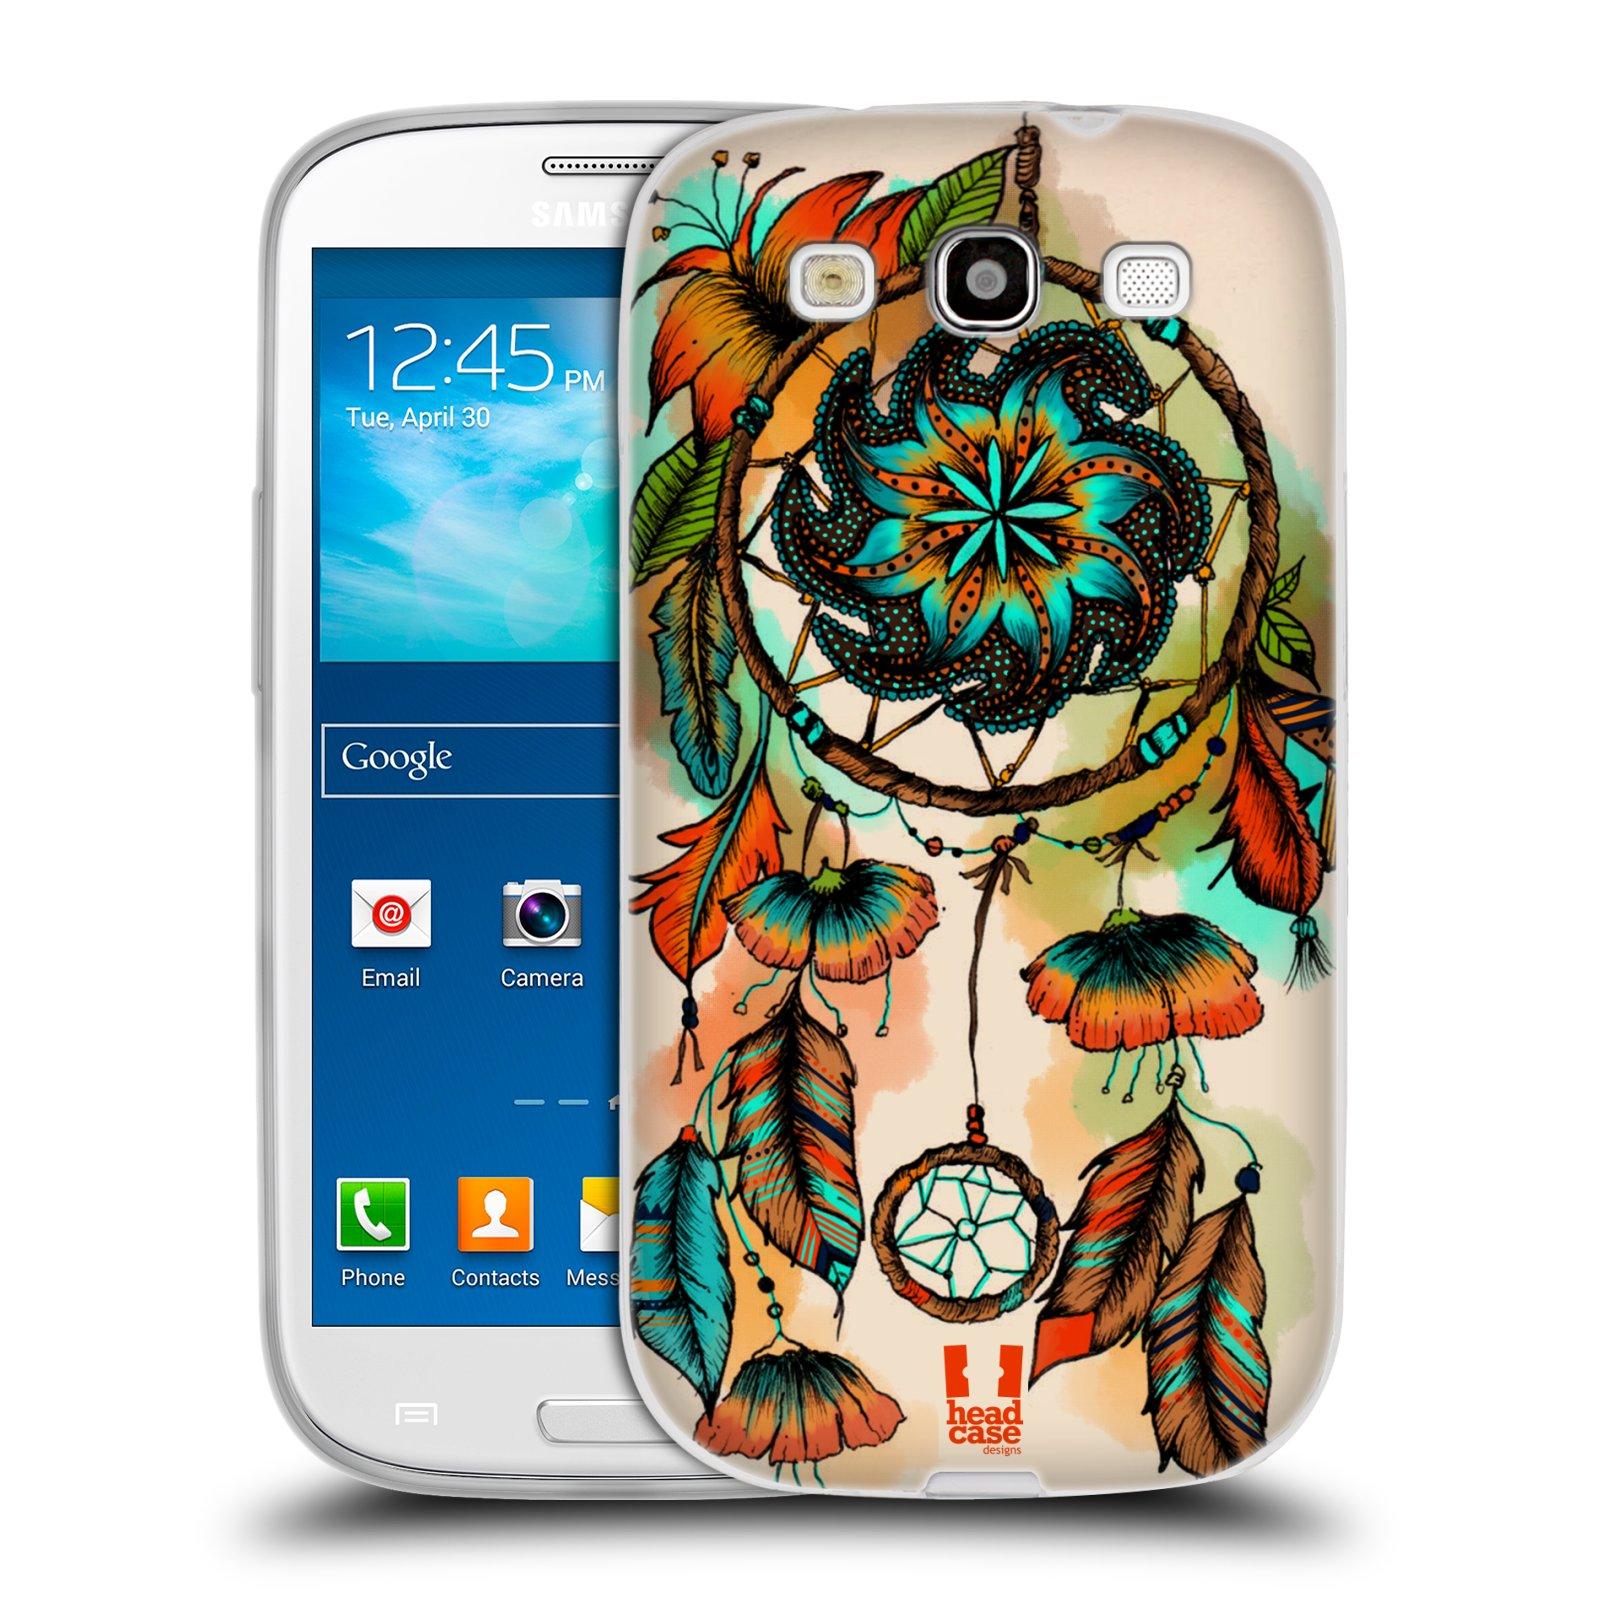 Silikonové pouzdro na mobil Samsung Galaxy S3 Neo HEAD CASE BLOOM APRICOT (Silikonový kryt či obal na mobilní telefon Samsung Galaxy S3 Neo GT-i9301i)